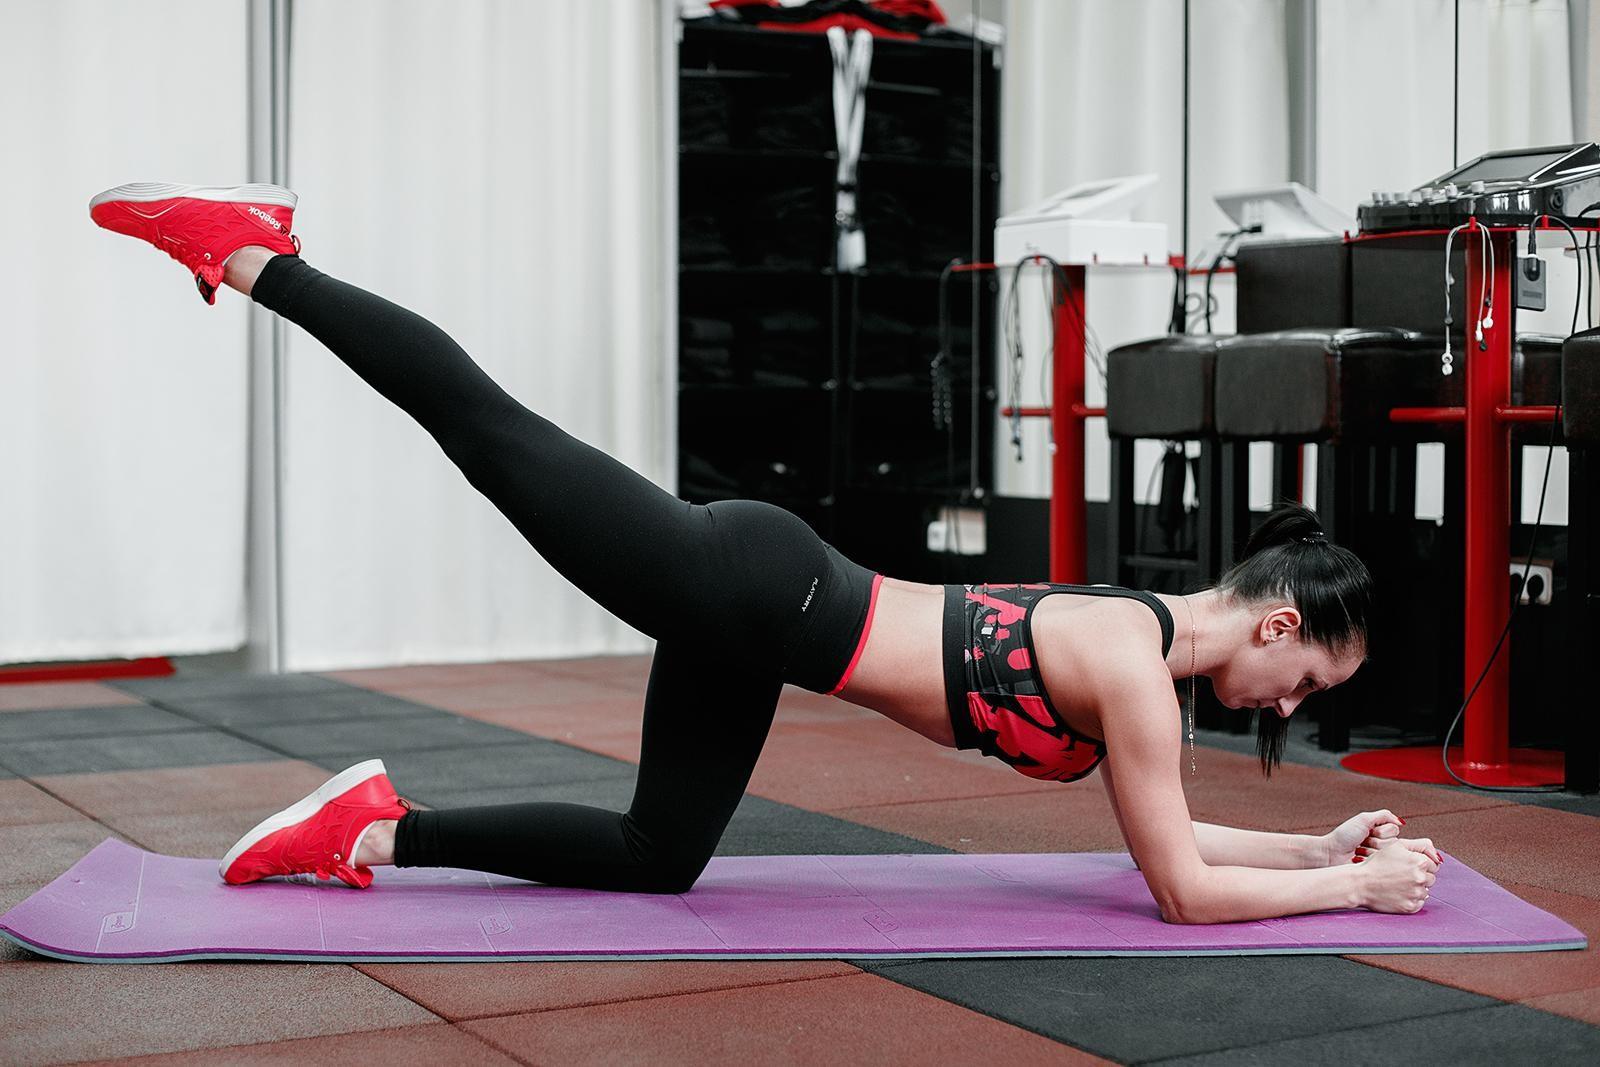 Отведение ноги назад: вариации и техника выполнения в домашних условиях | для девушек и мужчин